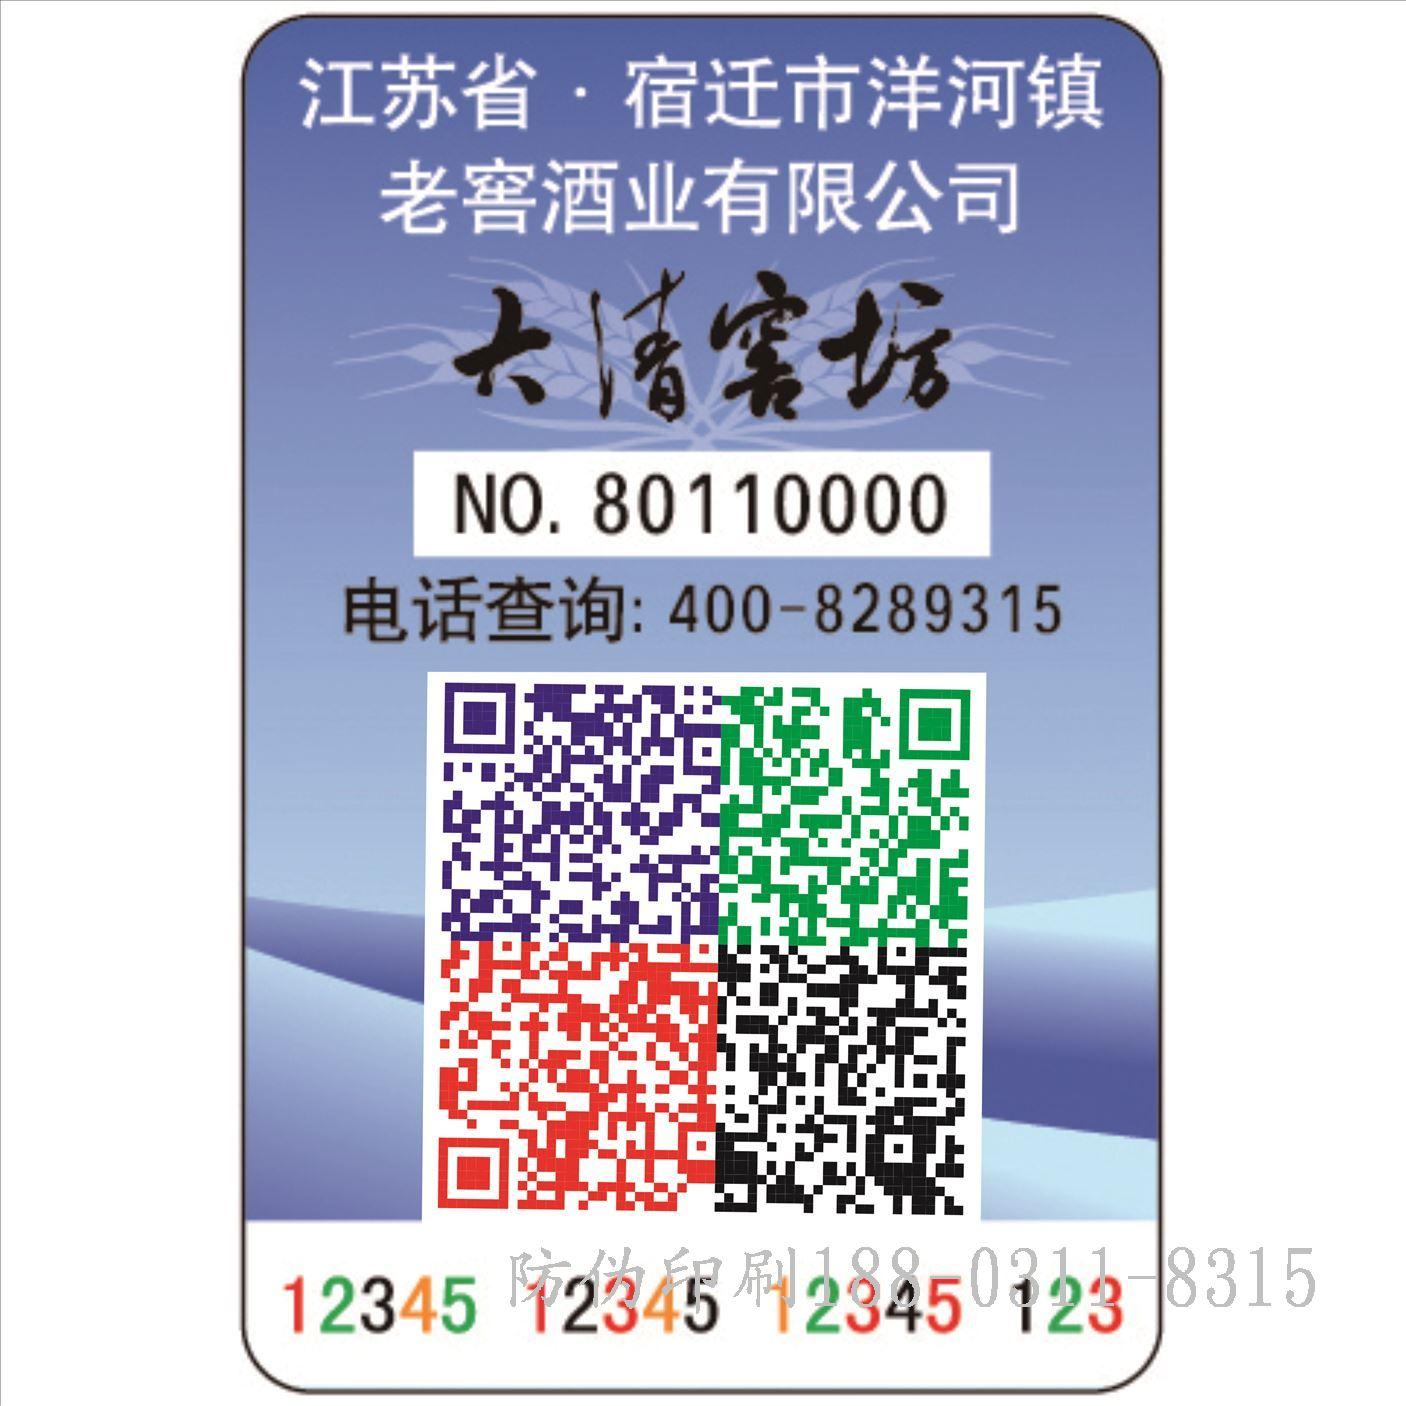 天津什么叫标签价格,那要怎么区分真假五常大米呢,